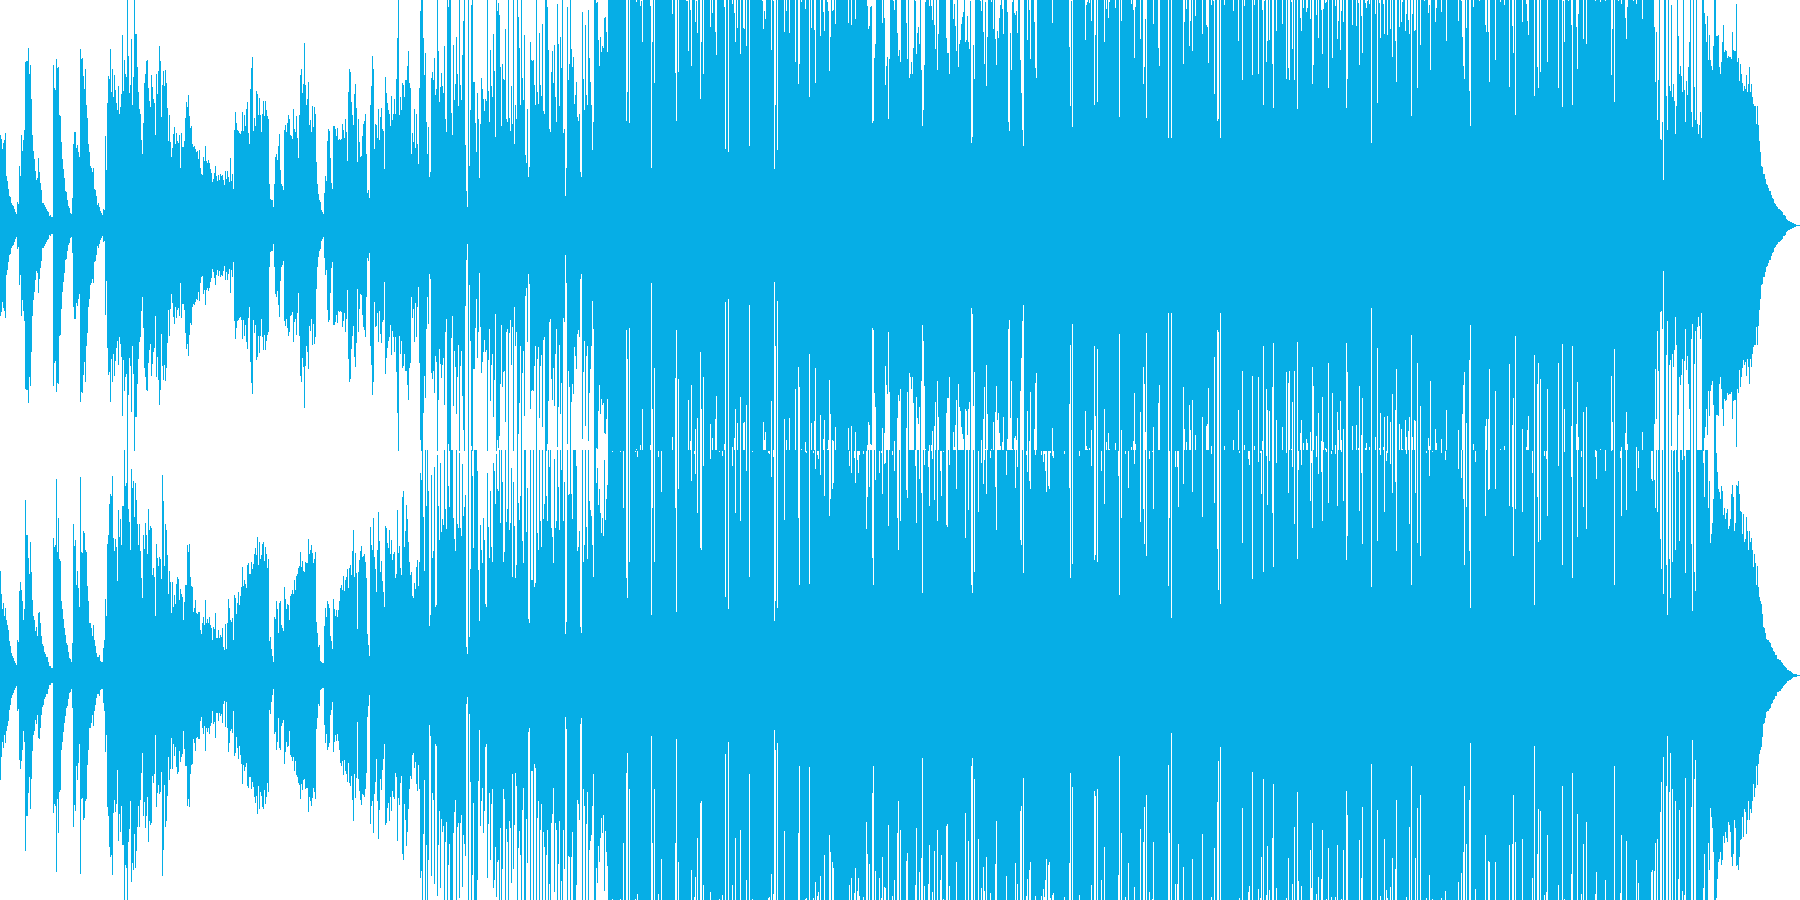 エレピが印象的なスイングポップの再生済みの波形